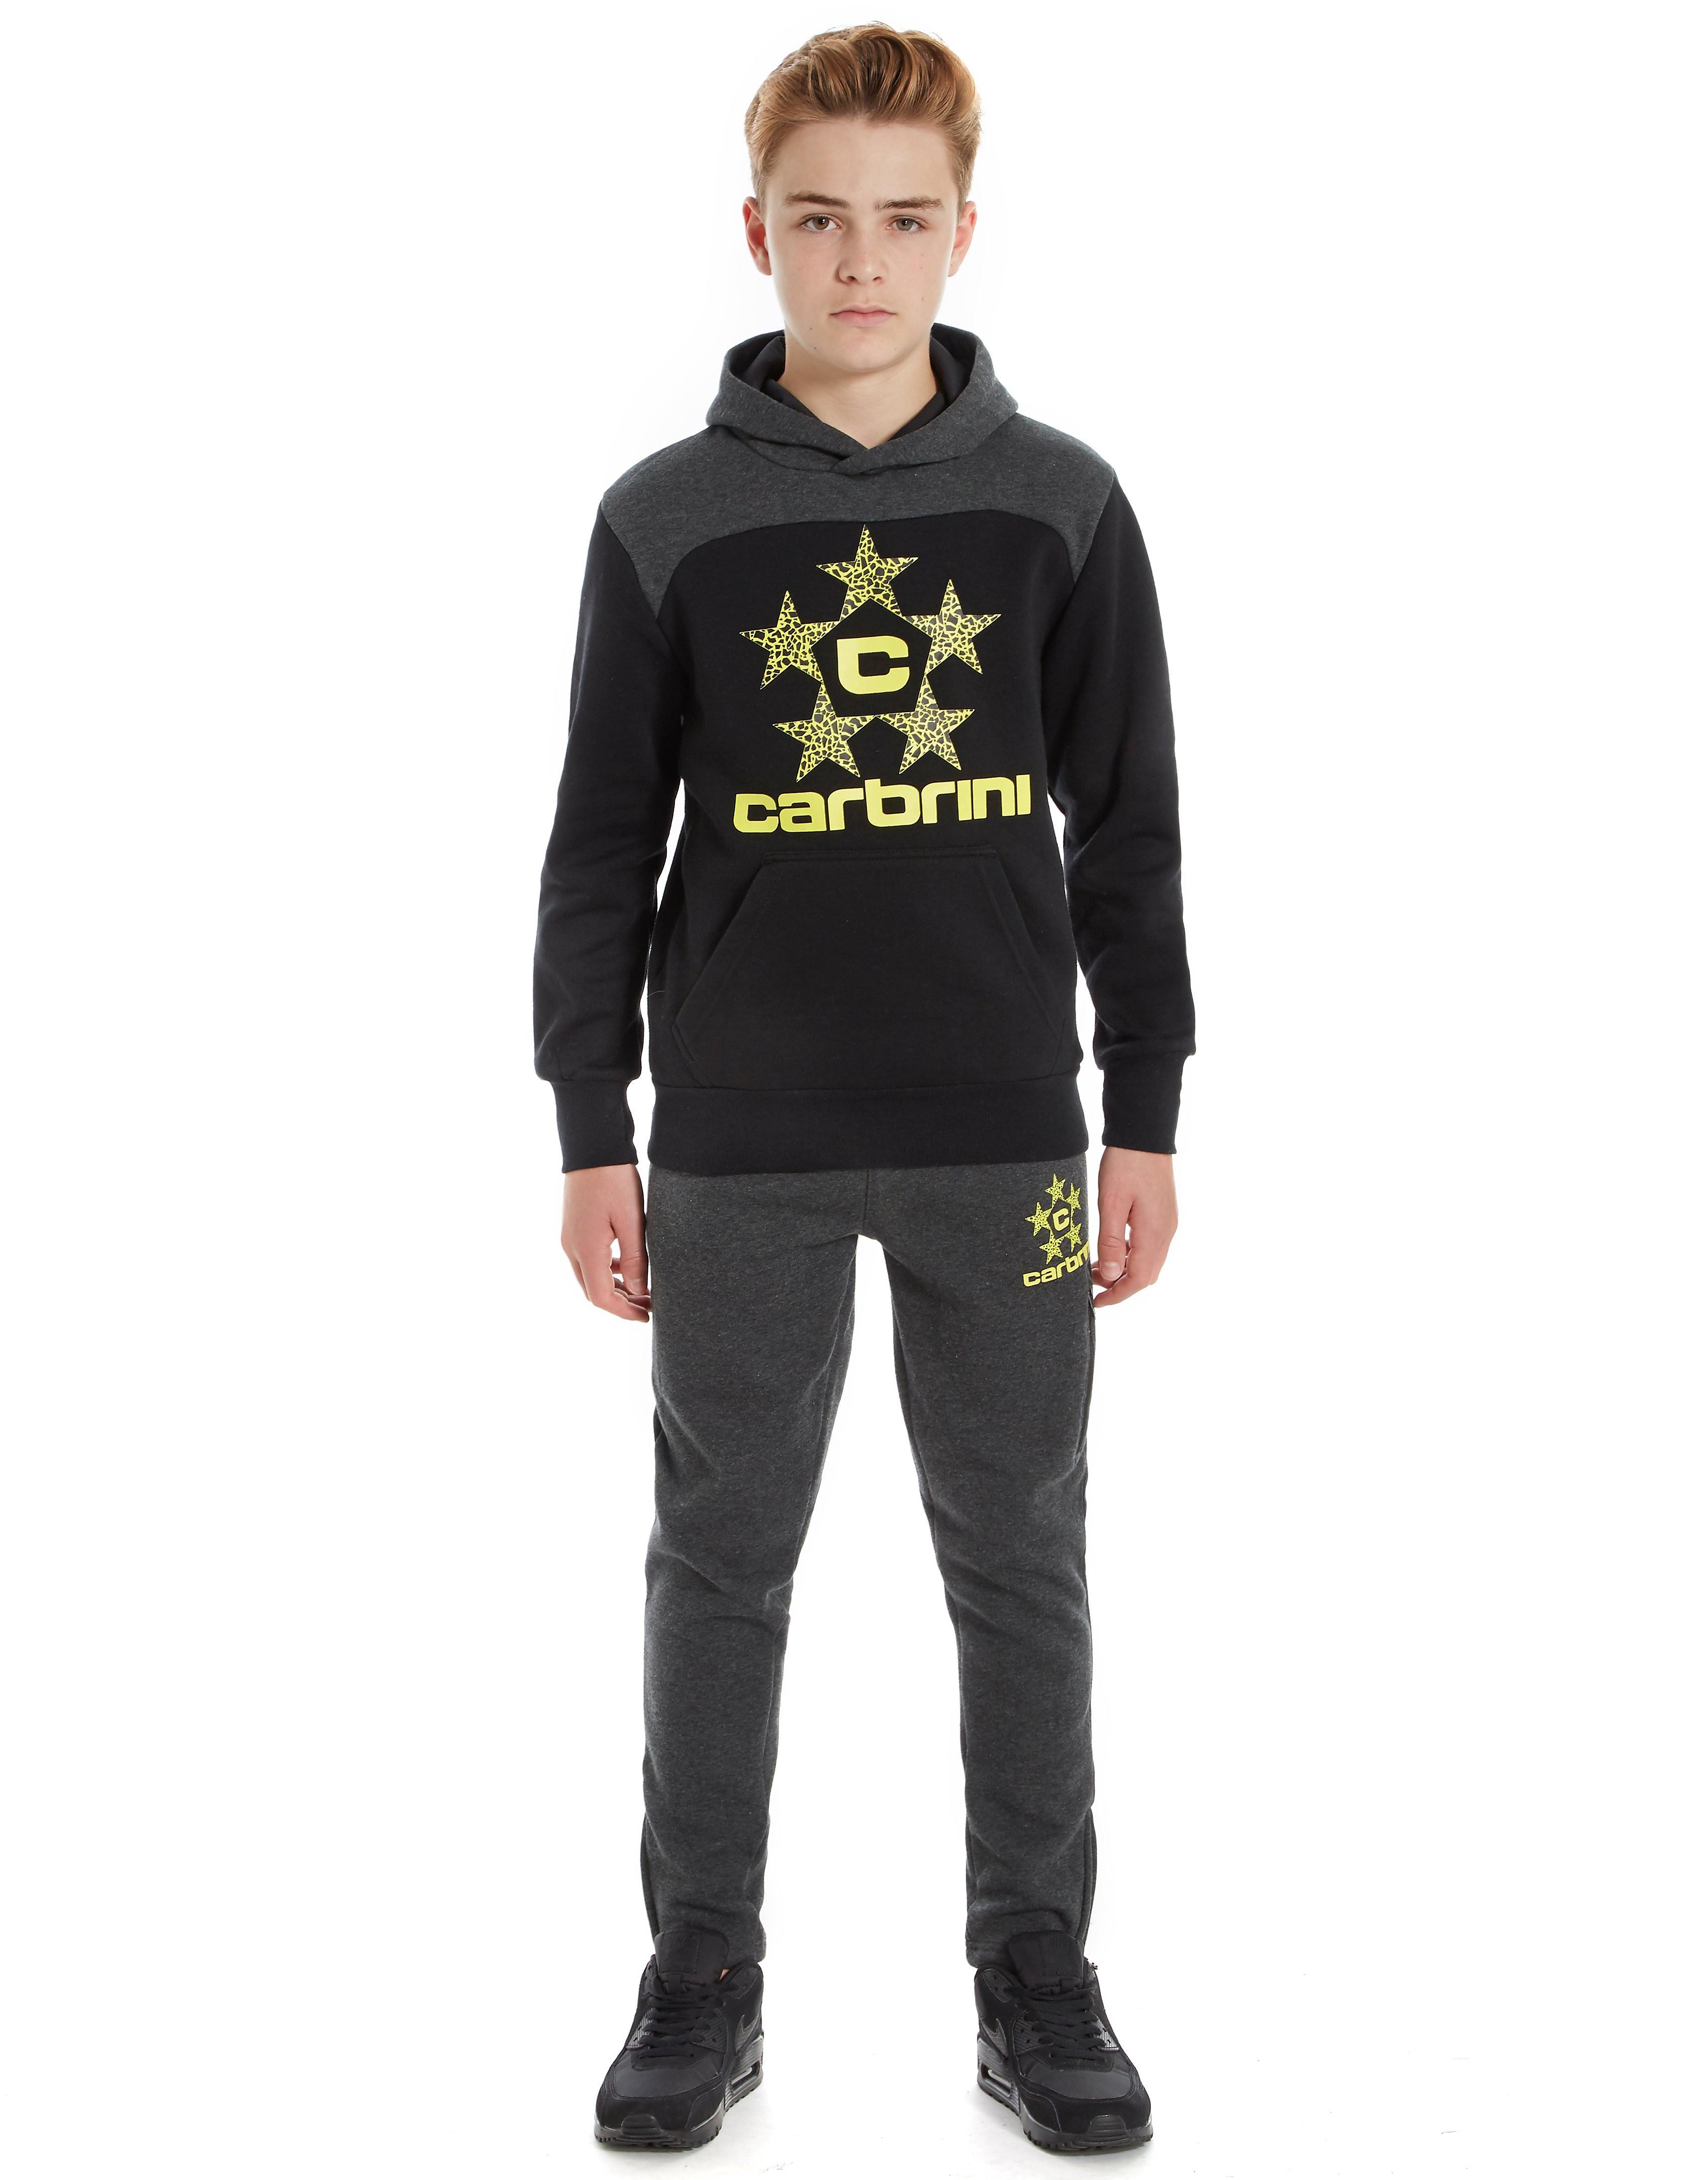 Carbrini Sting Suit Junior